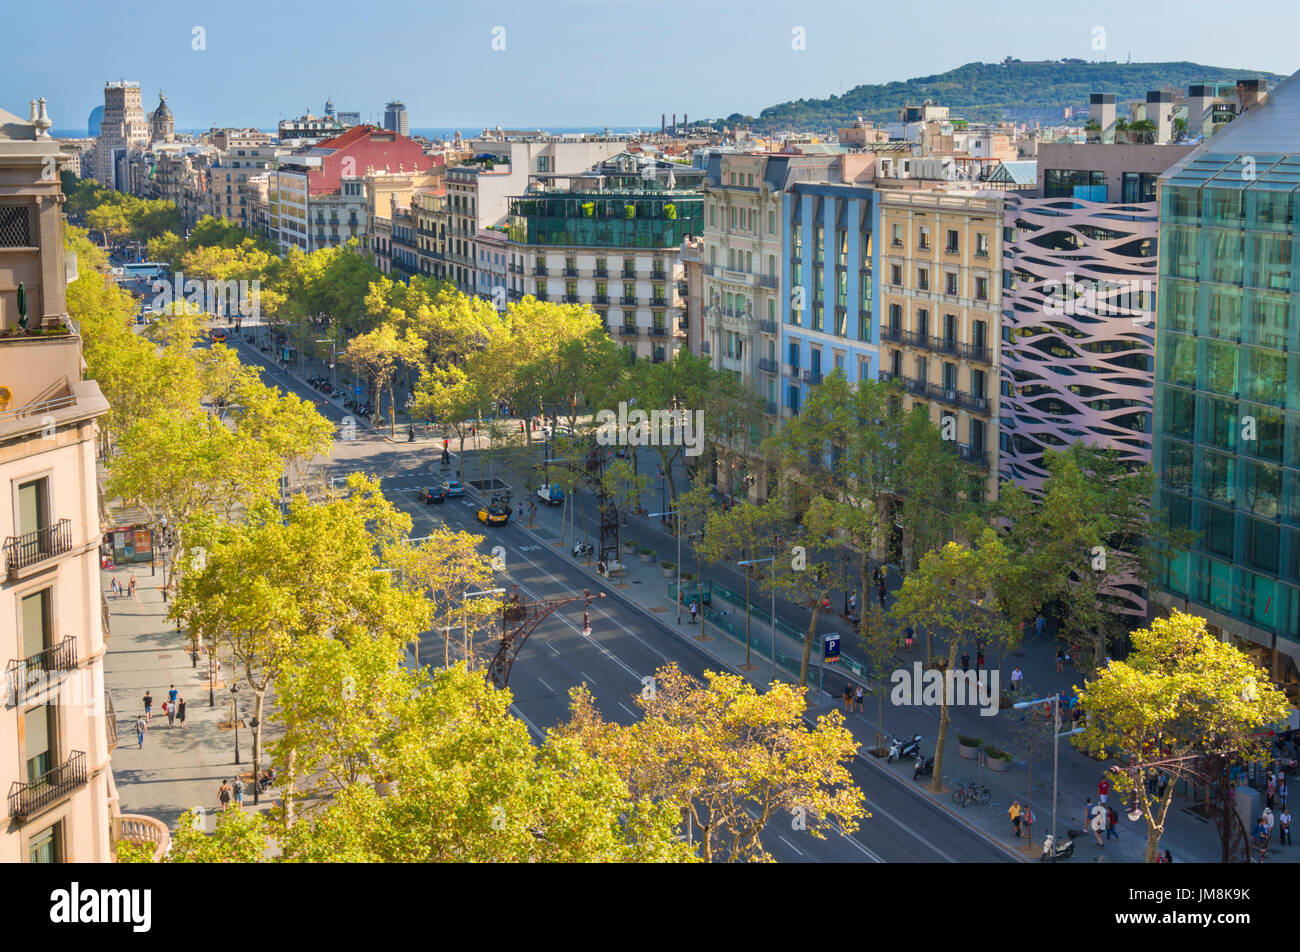 Barcellona Spagna Catalunya occupato viale alberato Passeig de Gracia avenue boulevard di L'Eixample di Barcellona Spagna UE Europa Catalogna Immagini Stock